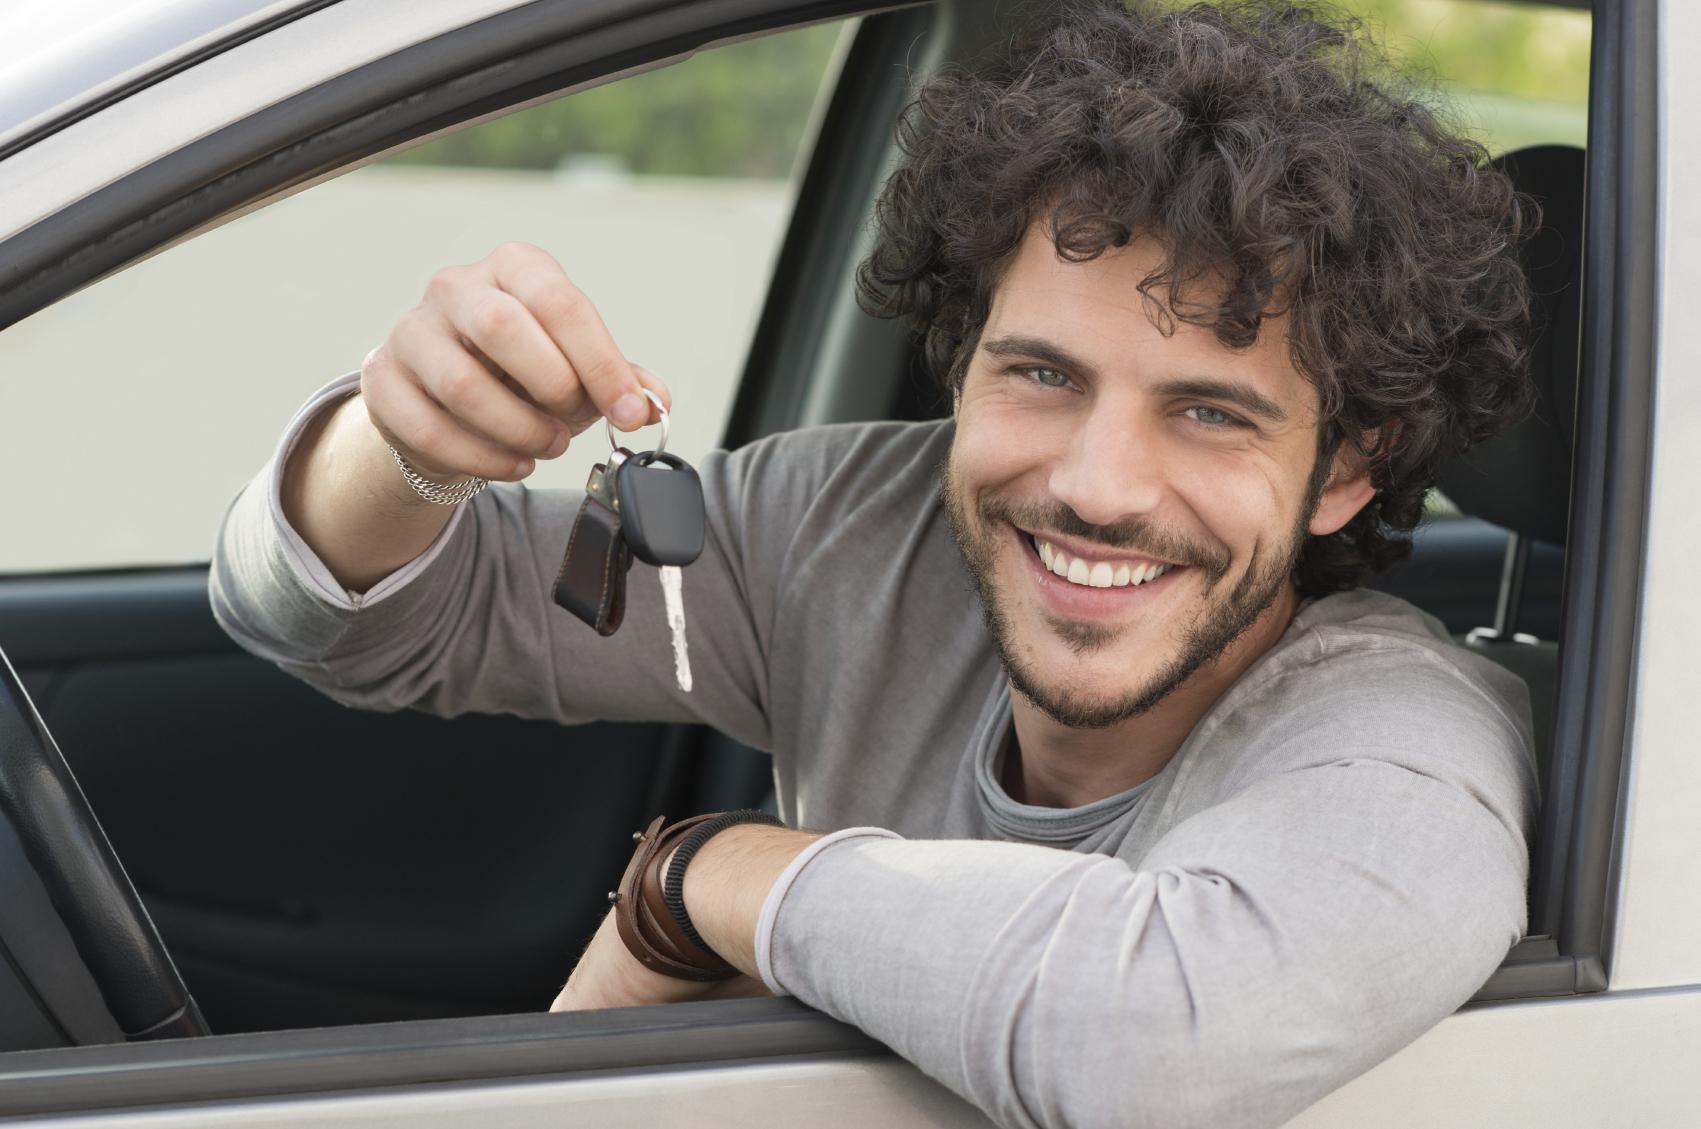 Ufficio Per Passaggio Di Proprietà Auto : Passaggio di proprietà auto: tempi costi e procedure autotoday.it